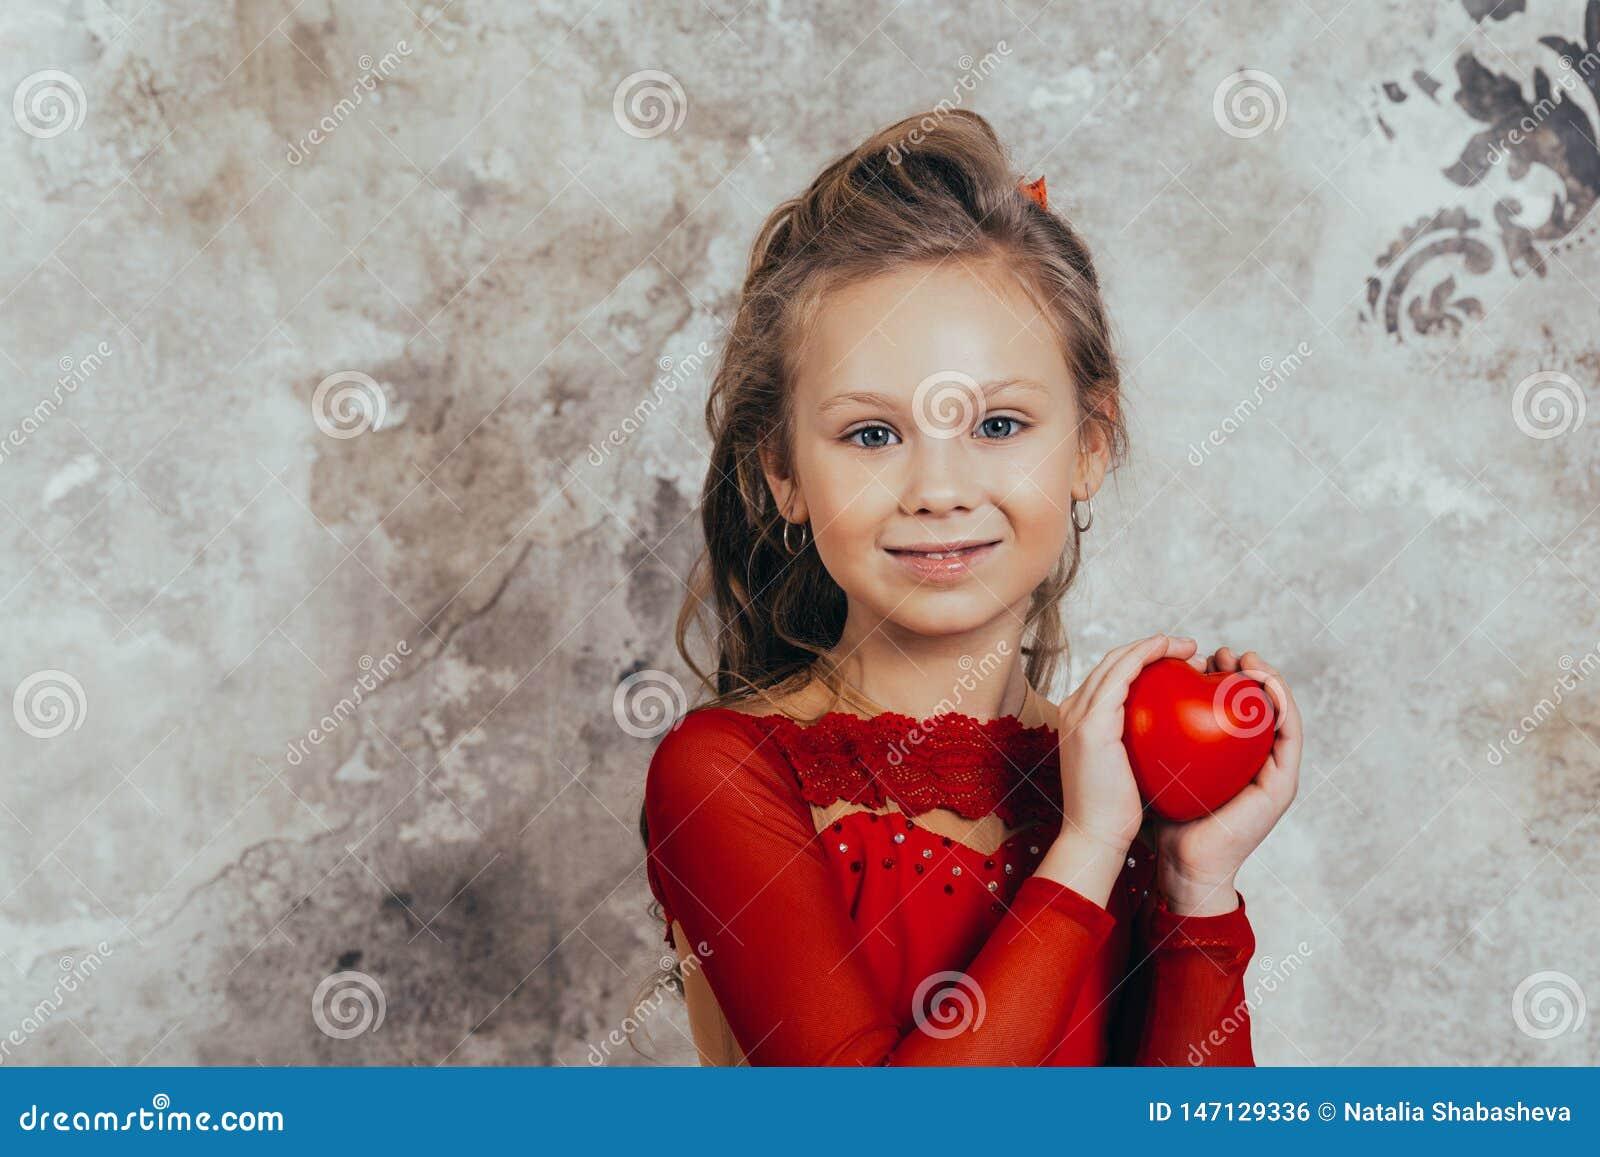 Portret van een glimlachend jong meisje in een rode kleding en met een mooi kapsel met een hart